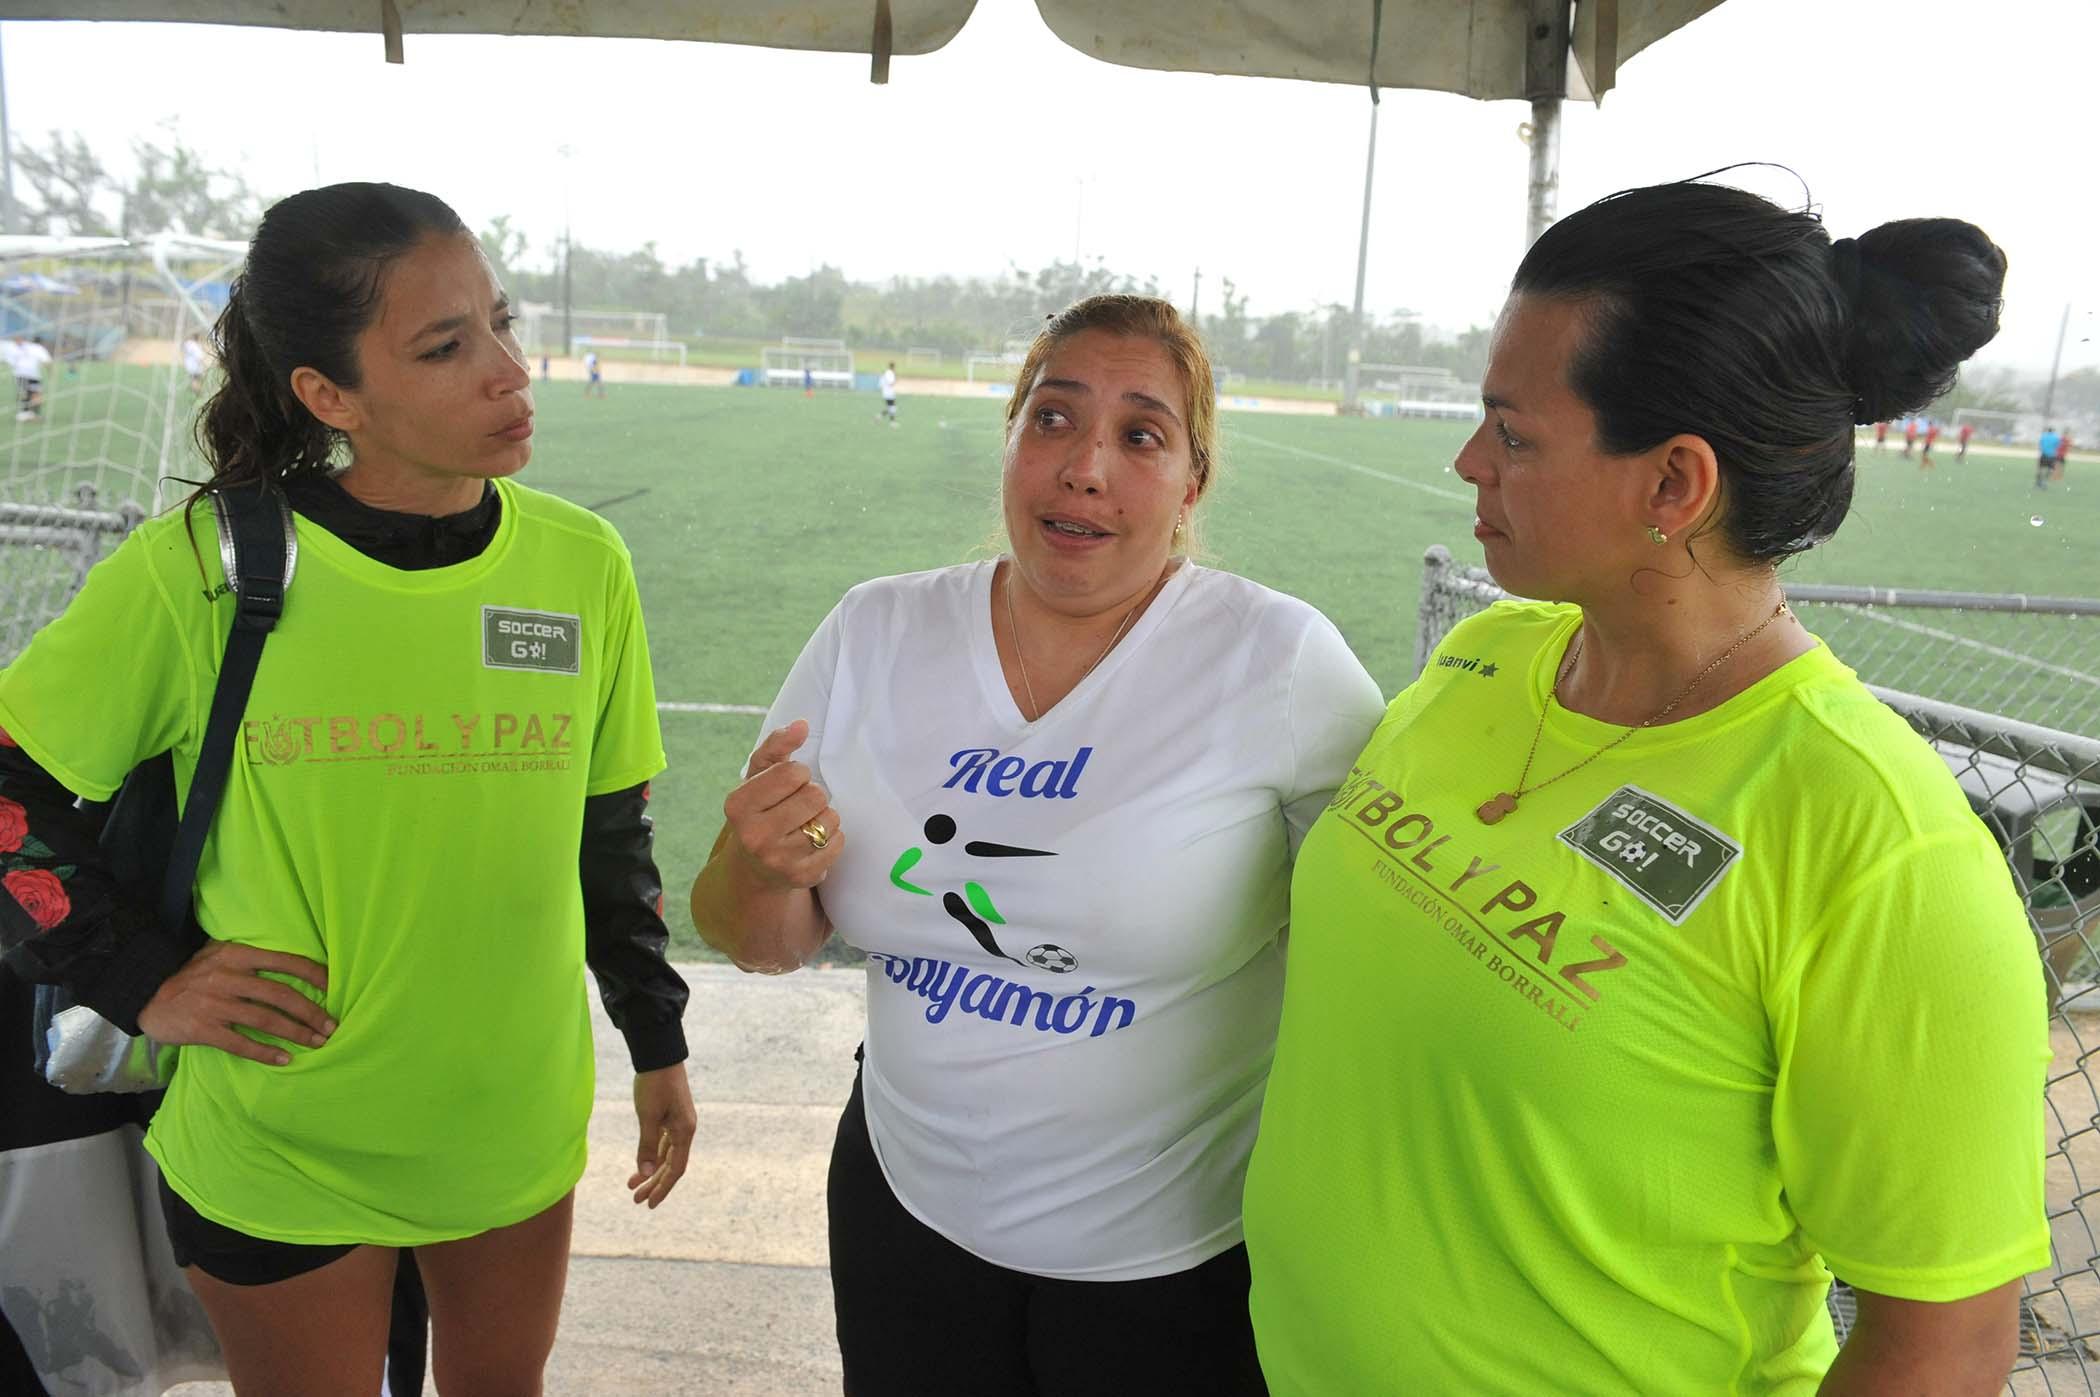 mama (Blanco) Joven iniciativa donacion calzado deportivo-3.jpg